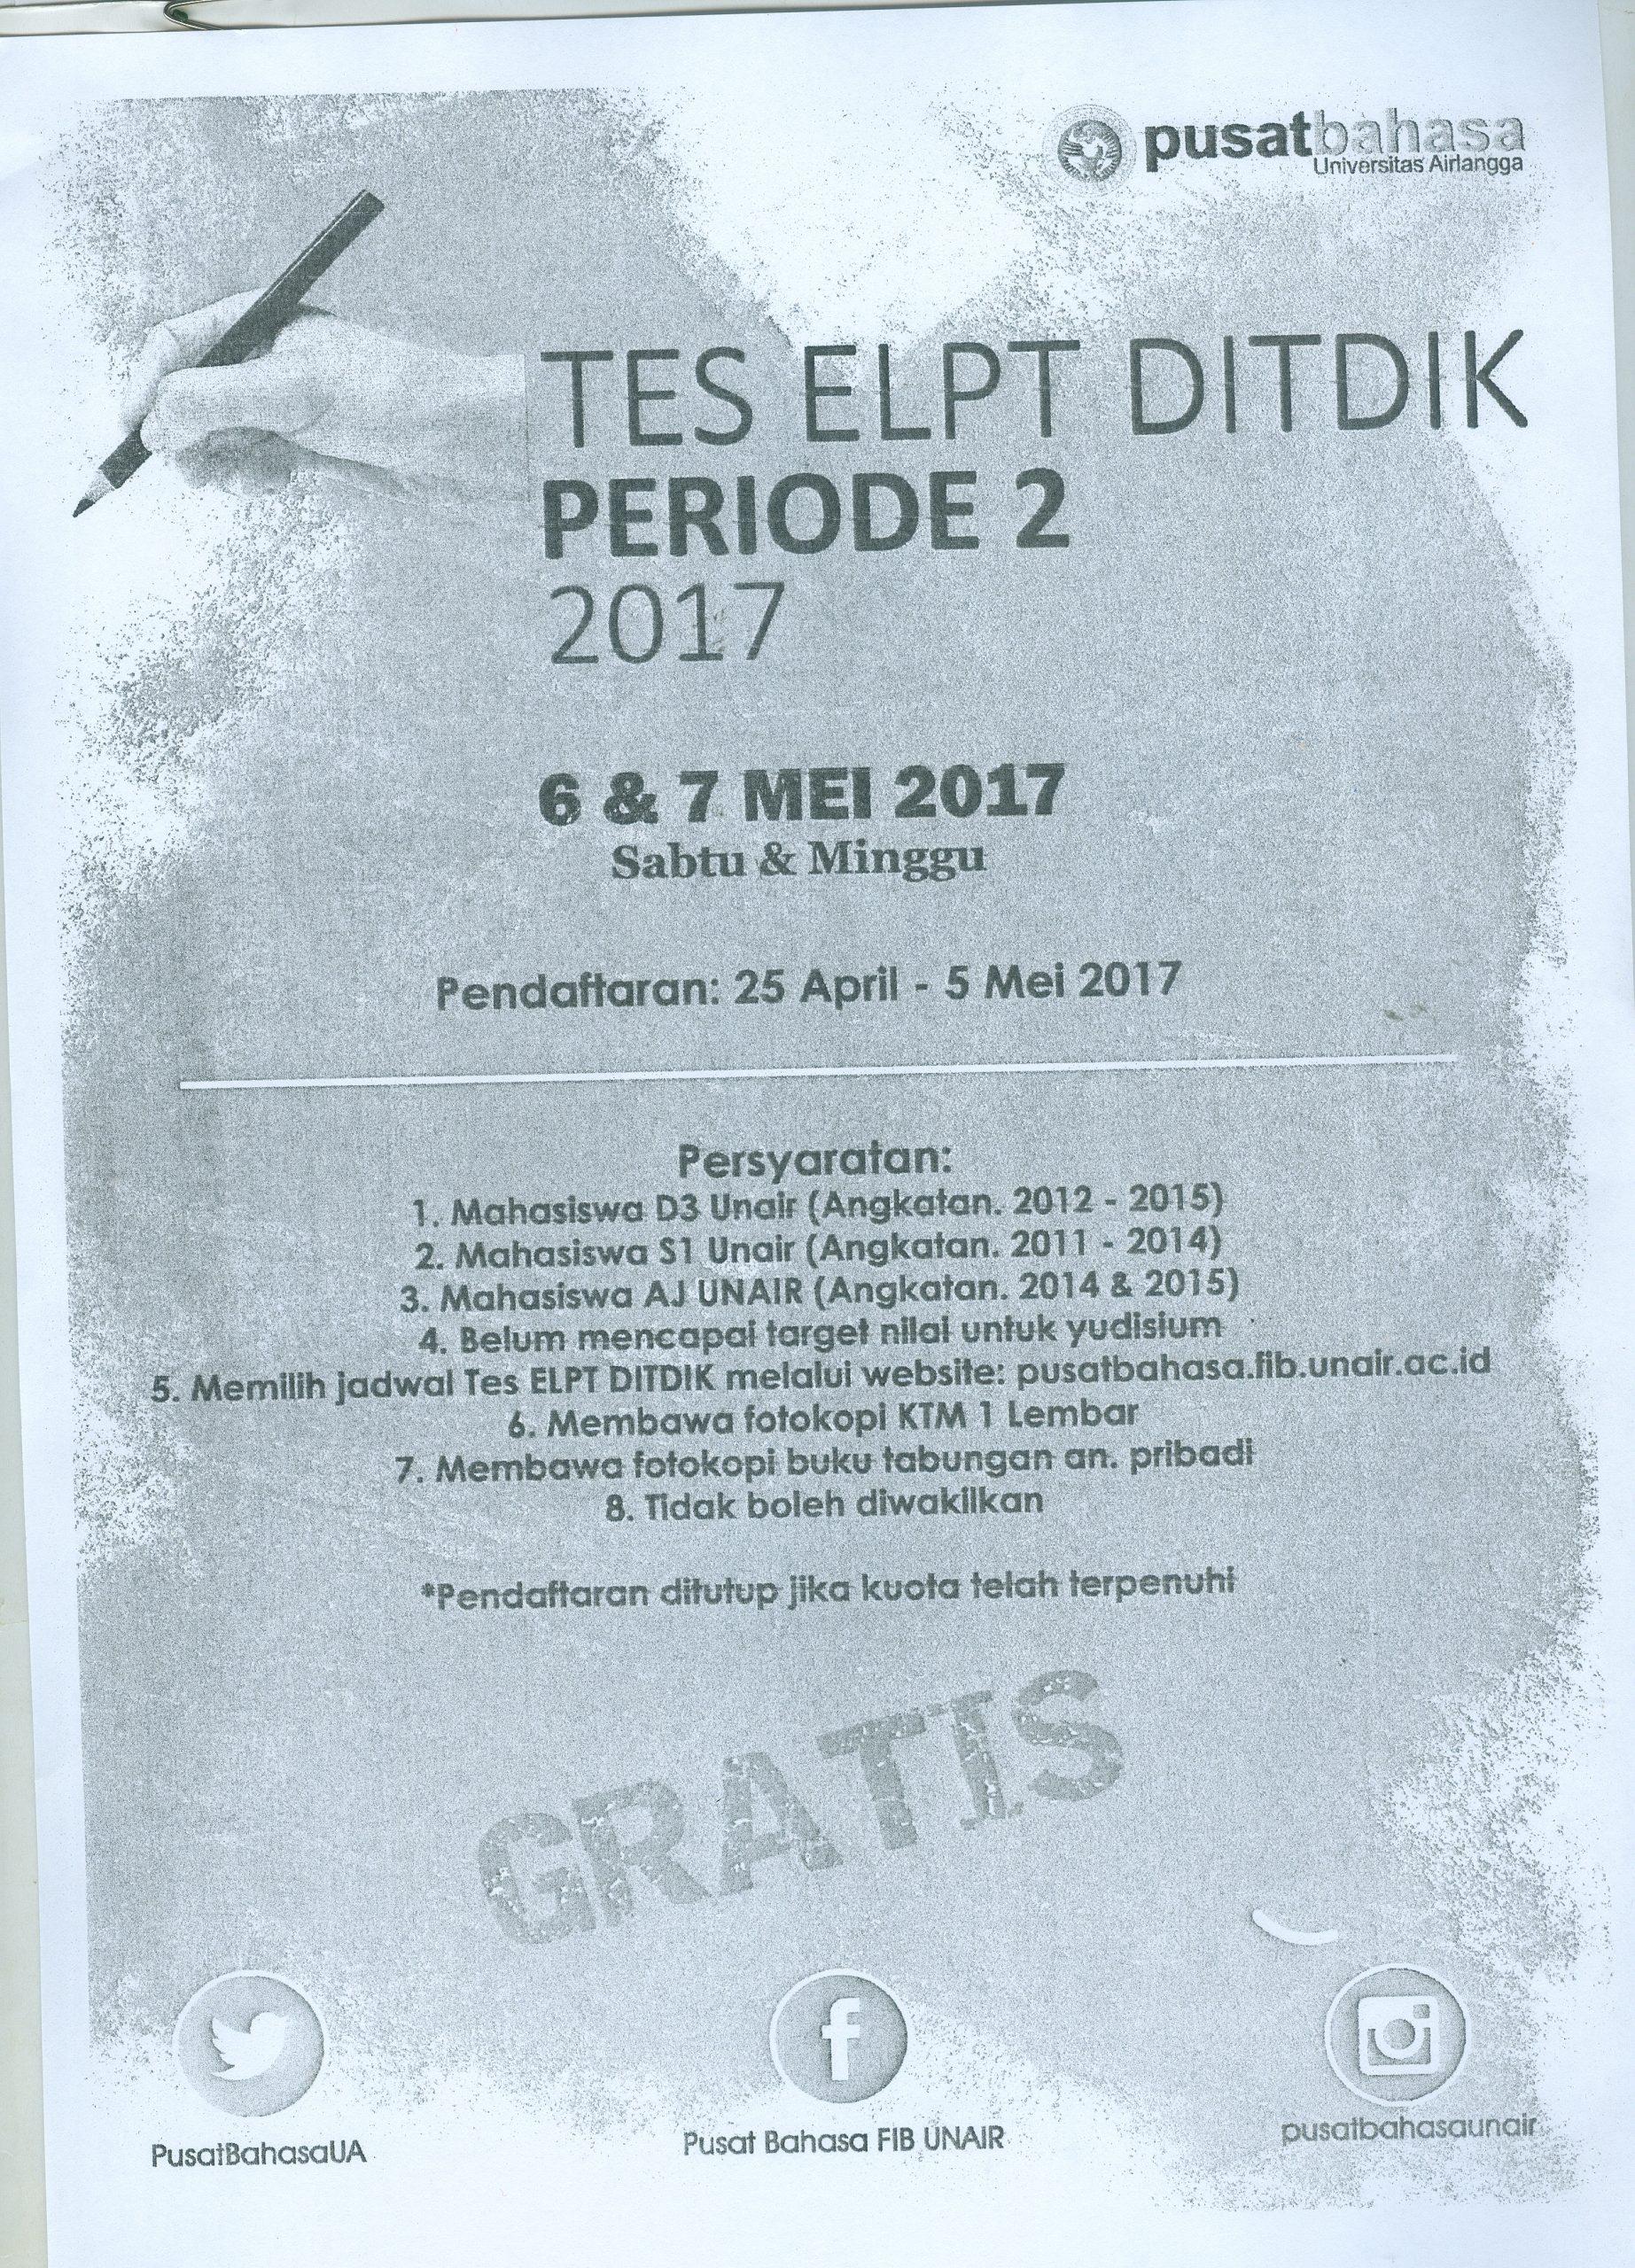 Tes Elpt Ditdik Periode 2 2017 Fakultas Magister Kenotariatan Fh Unair